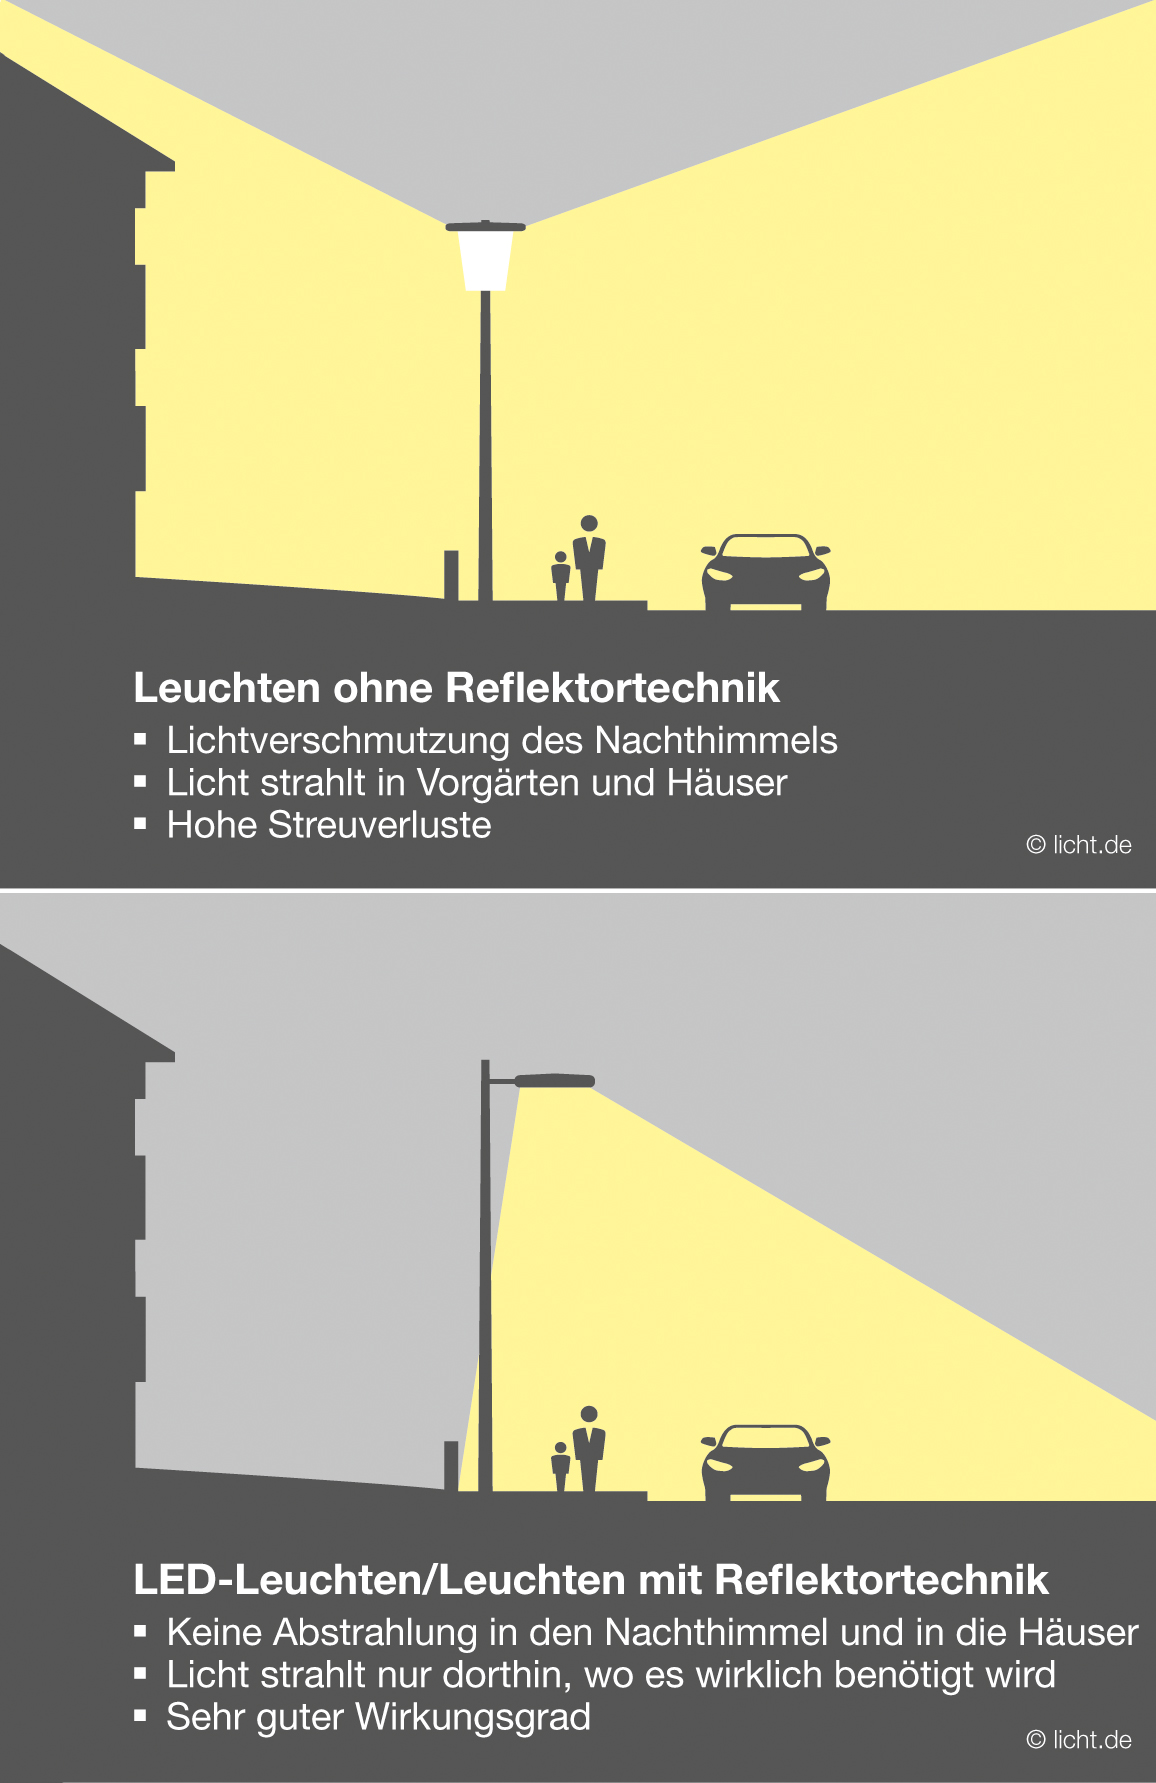 Großzügig Leuchte Diagramm Bilder - Schaltplan Serie Circuit ...